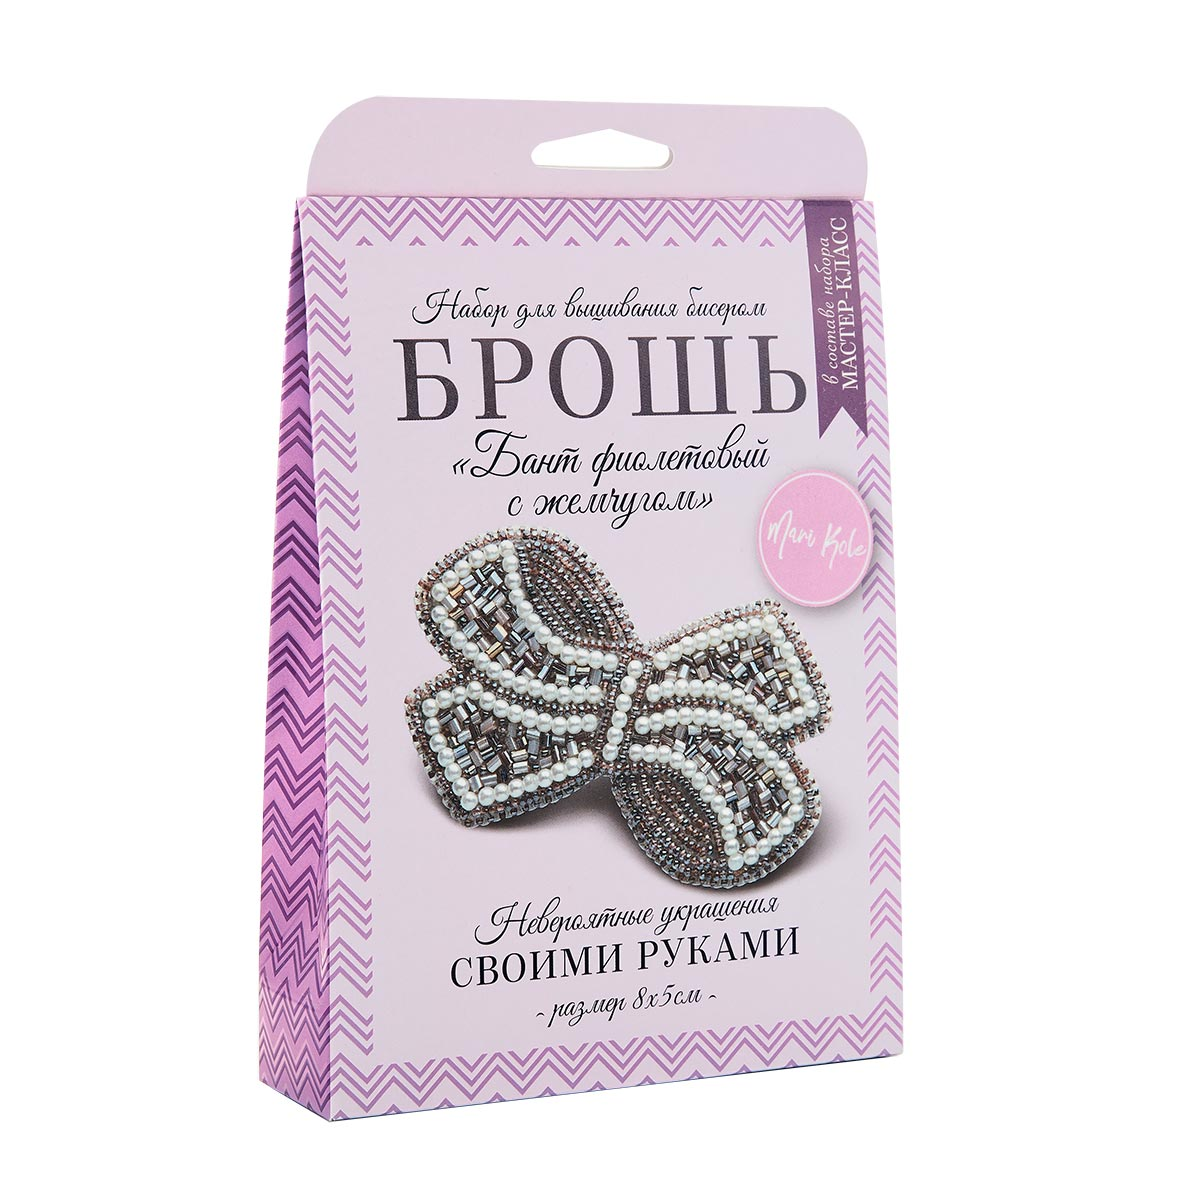 НБР-18005/1 Набор для вышивания бисером: Брошь «Бант фиолетовый с жемчугом».